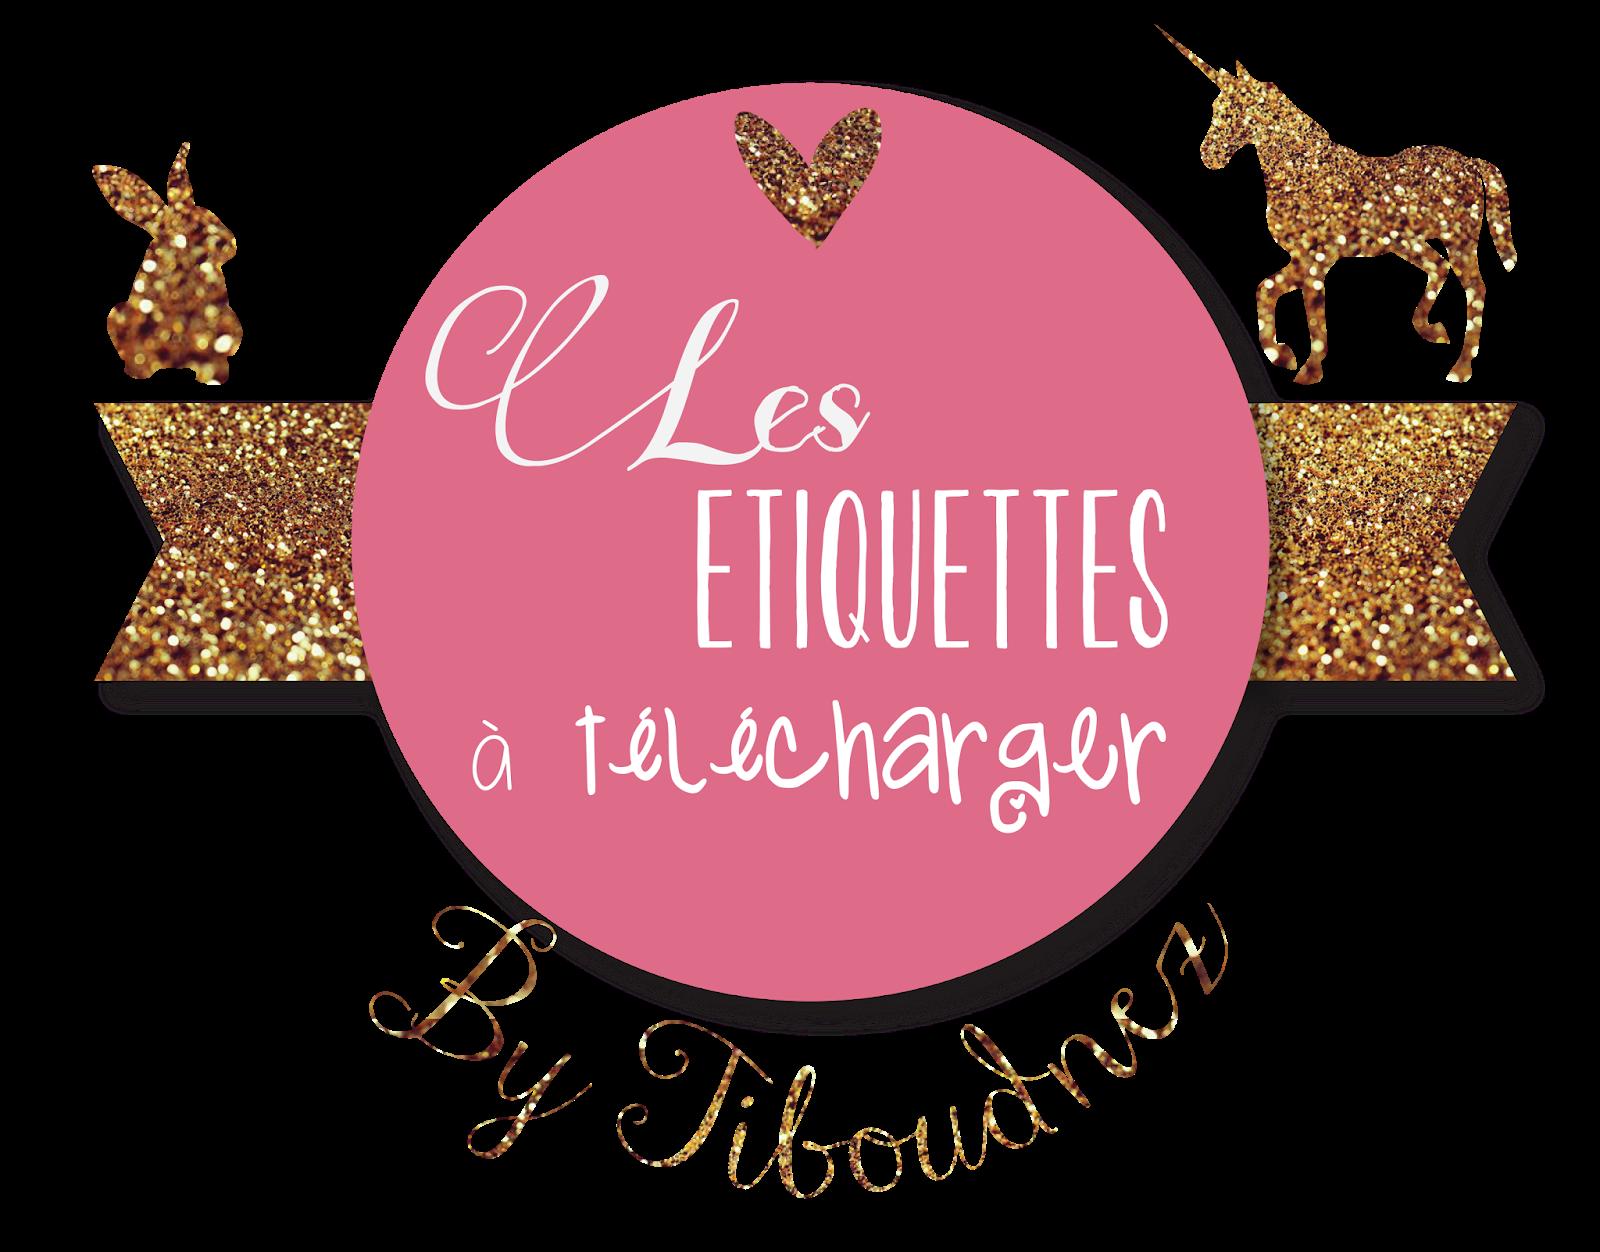 époustouflant ♥ Des licornes & des poussins - A imprimer ♥ - TIBOUDNEZ #CS_82